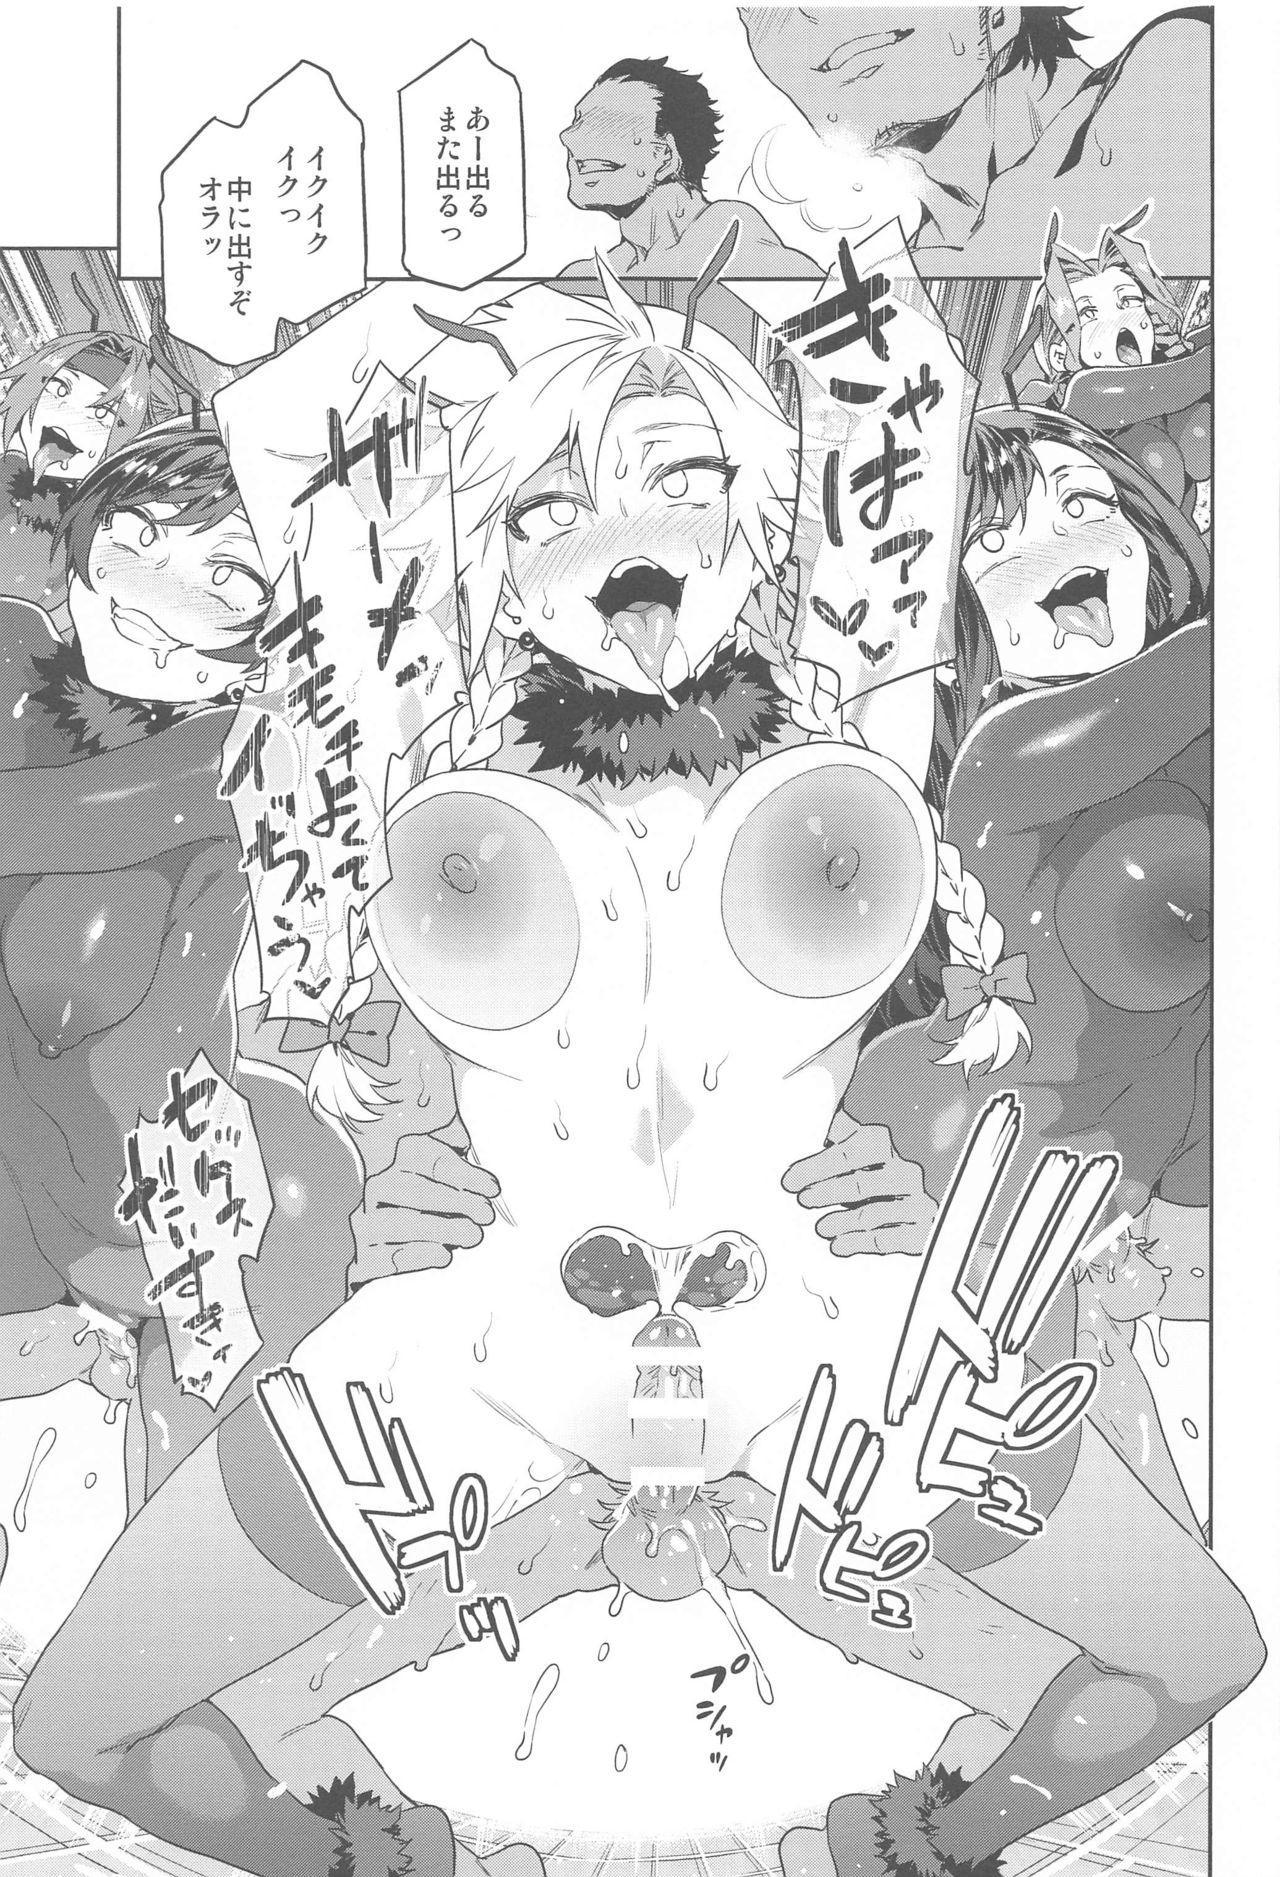 [Alice no Takarabako (Mizuryu Kei)] Mitsubachi no Yakata Nigou-kan Seventh Heaven-ten (Final Fantasy VII) 31